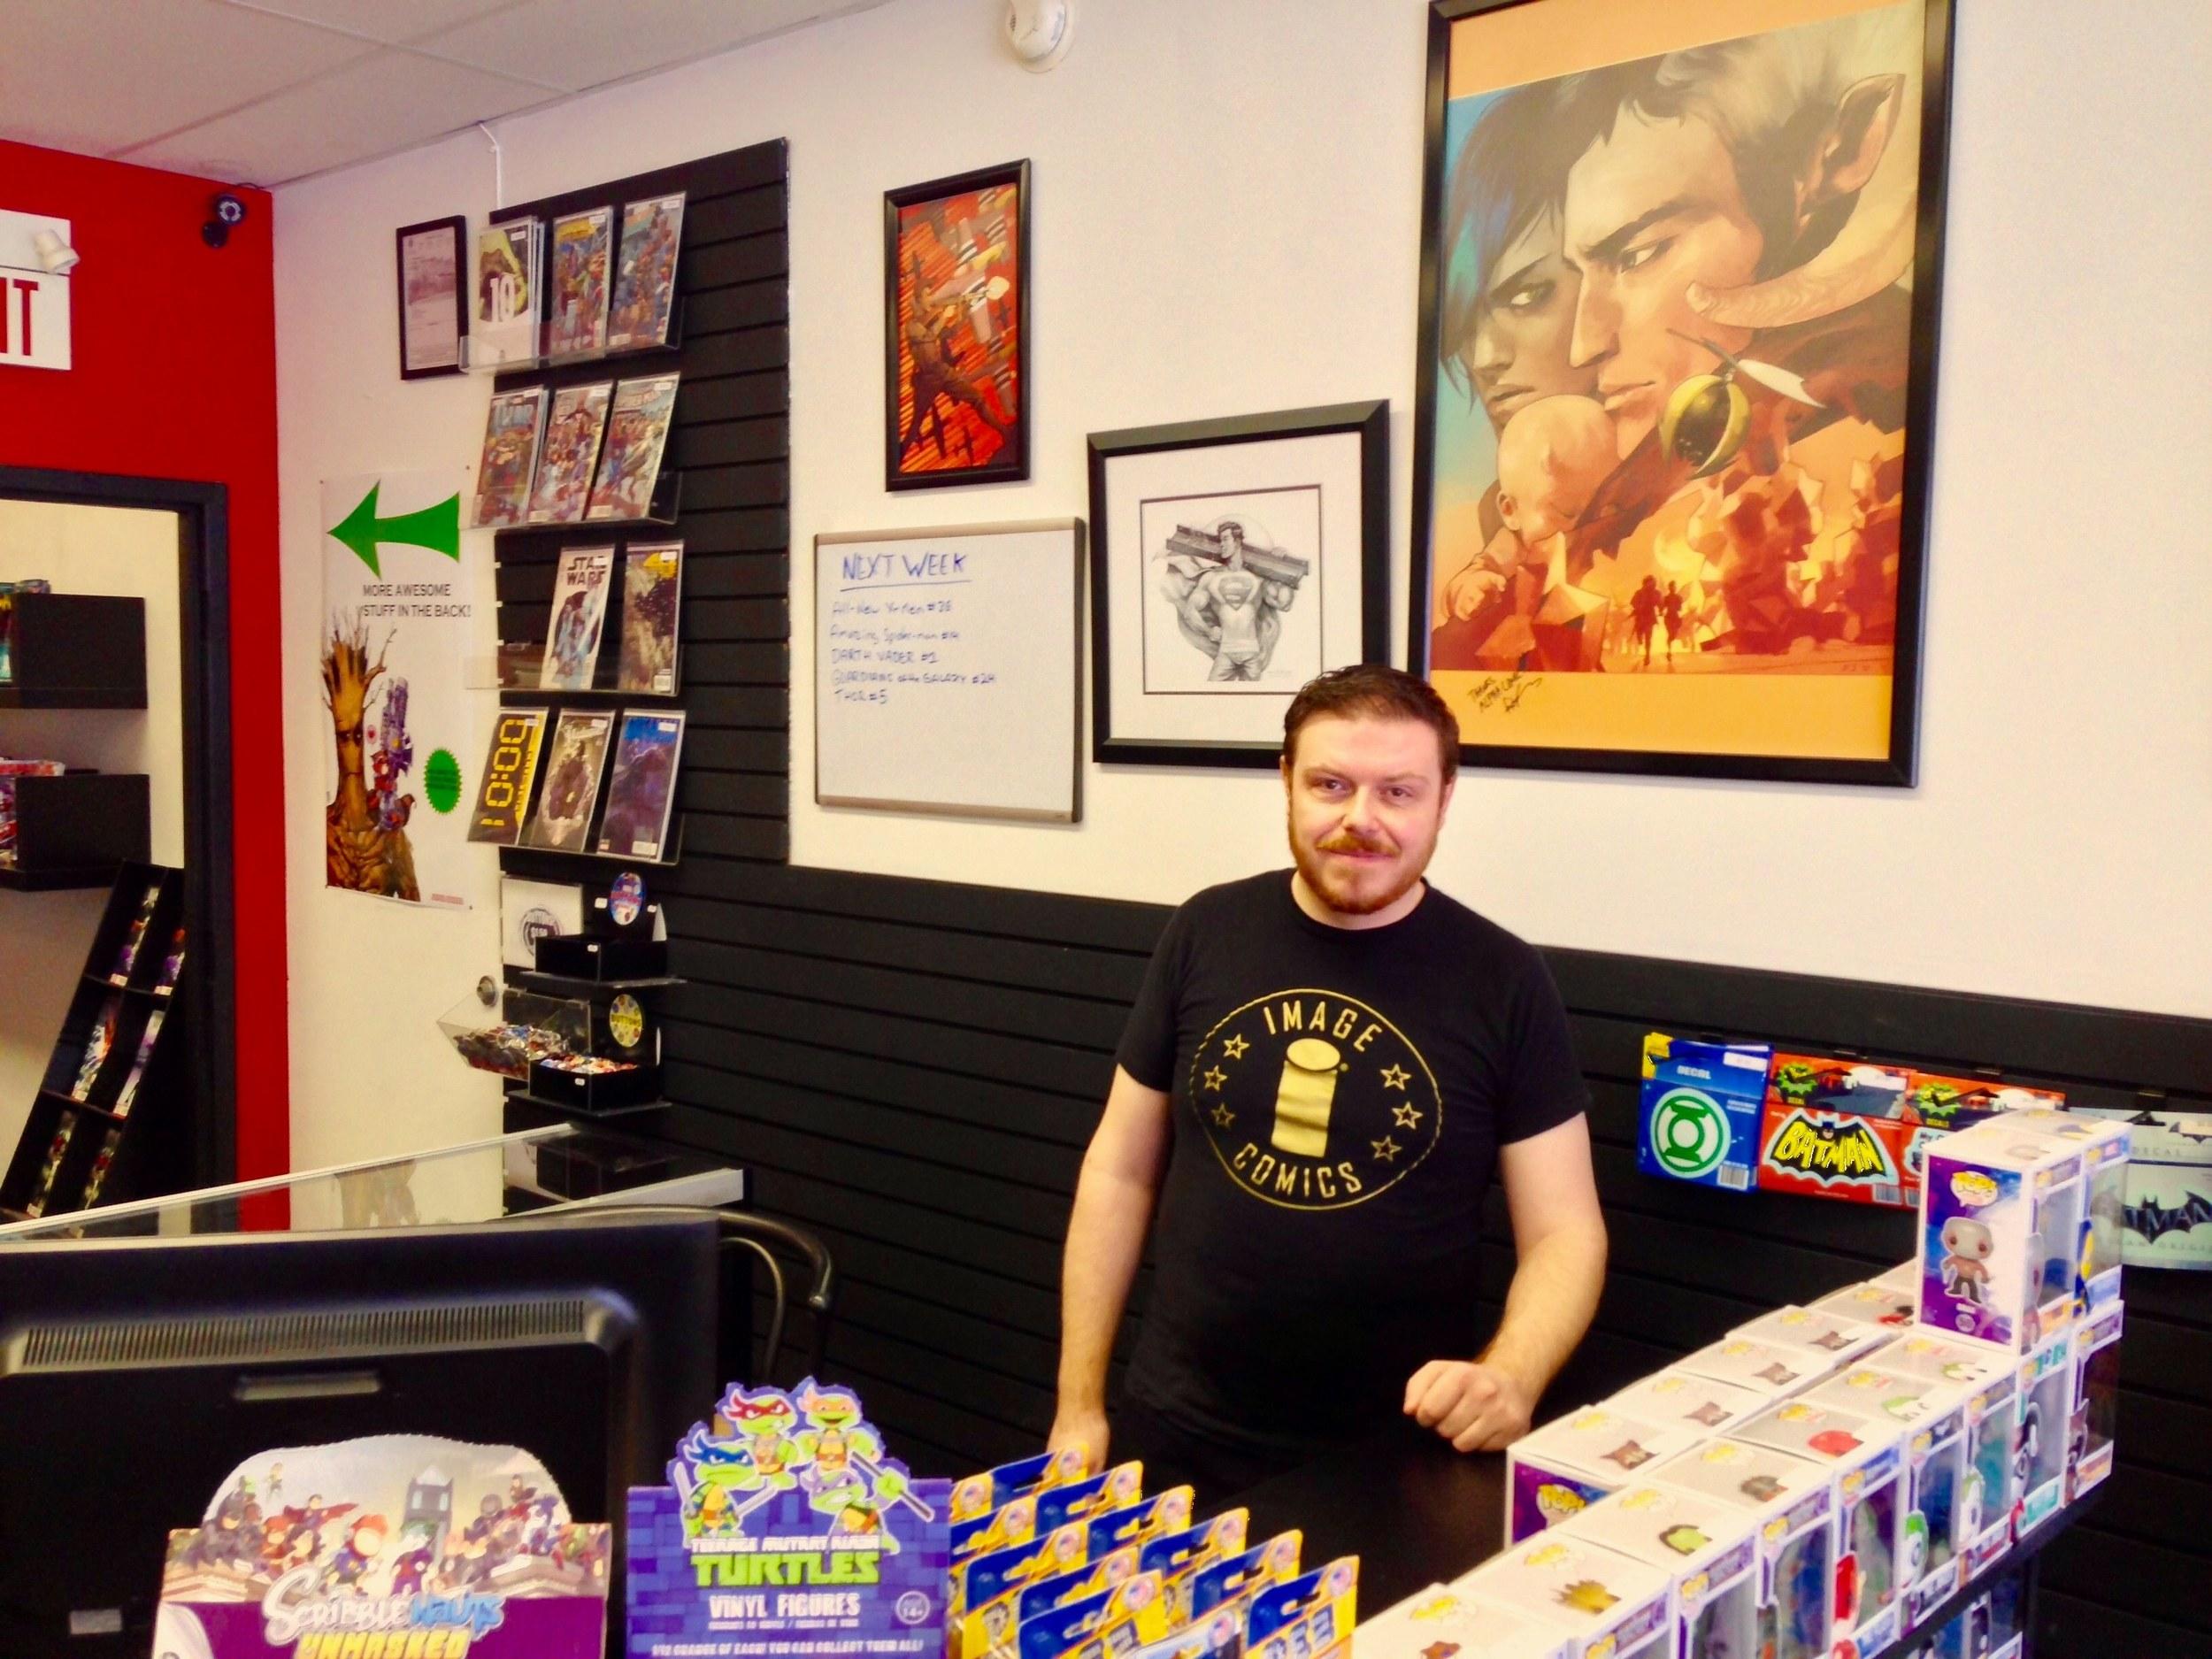 Chris, owner of Alpha Comics in Calgary, Alberta, Canada (Photo credit: GeekNerdNet.com)